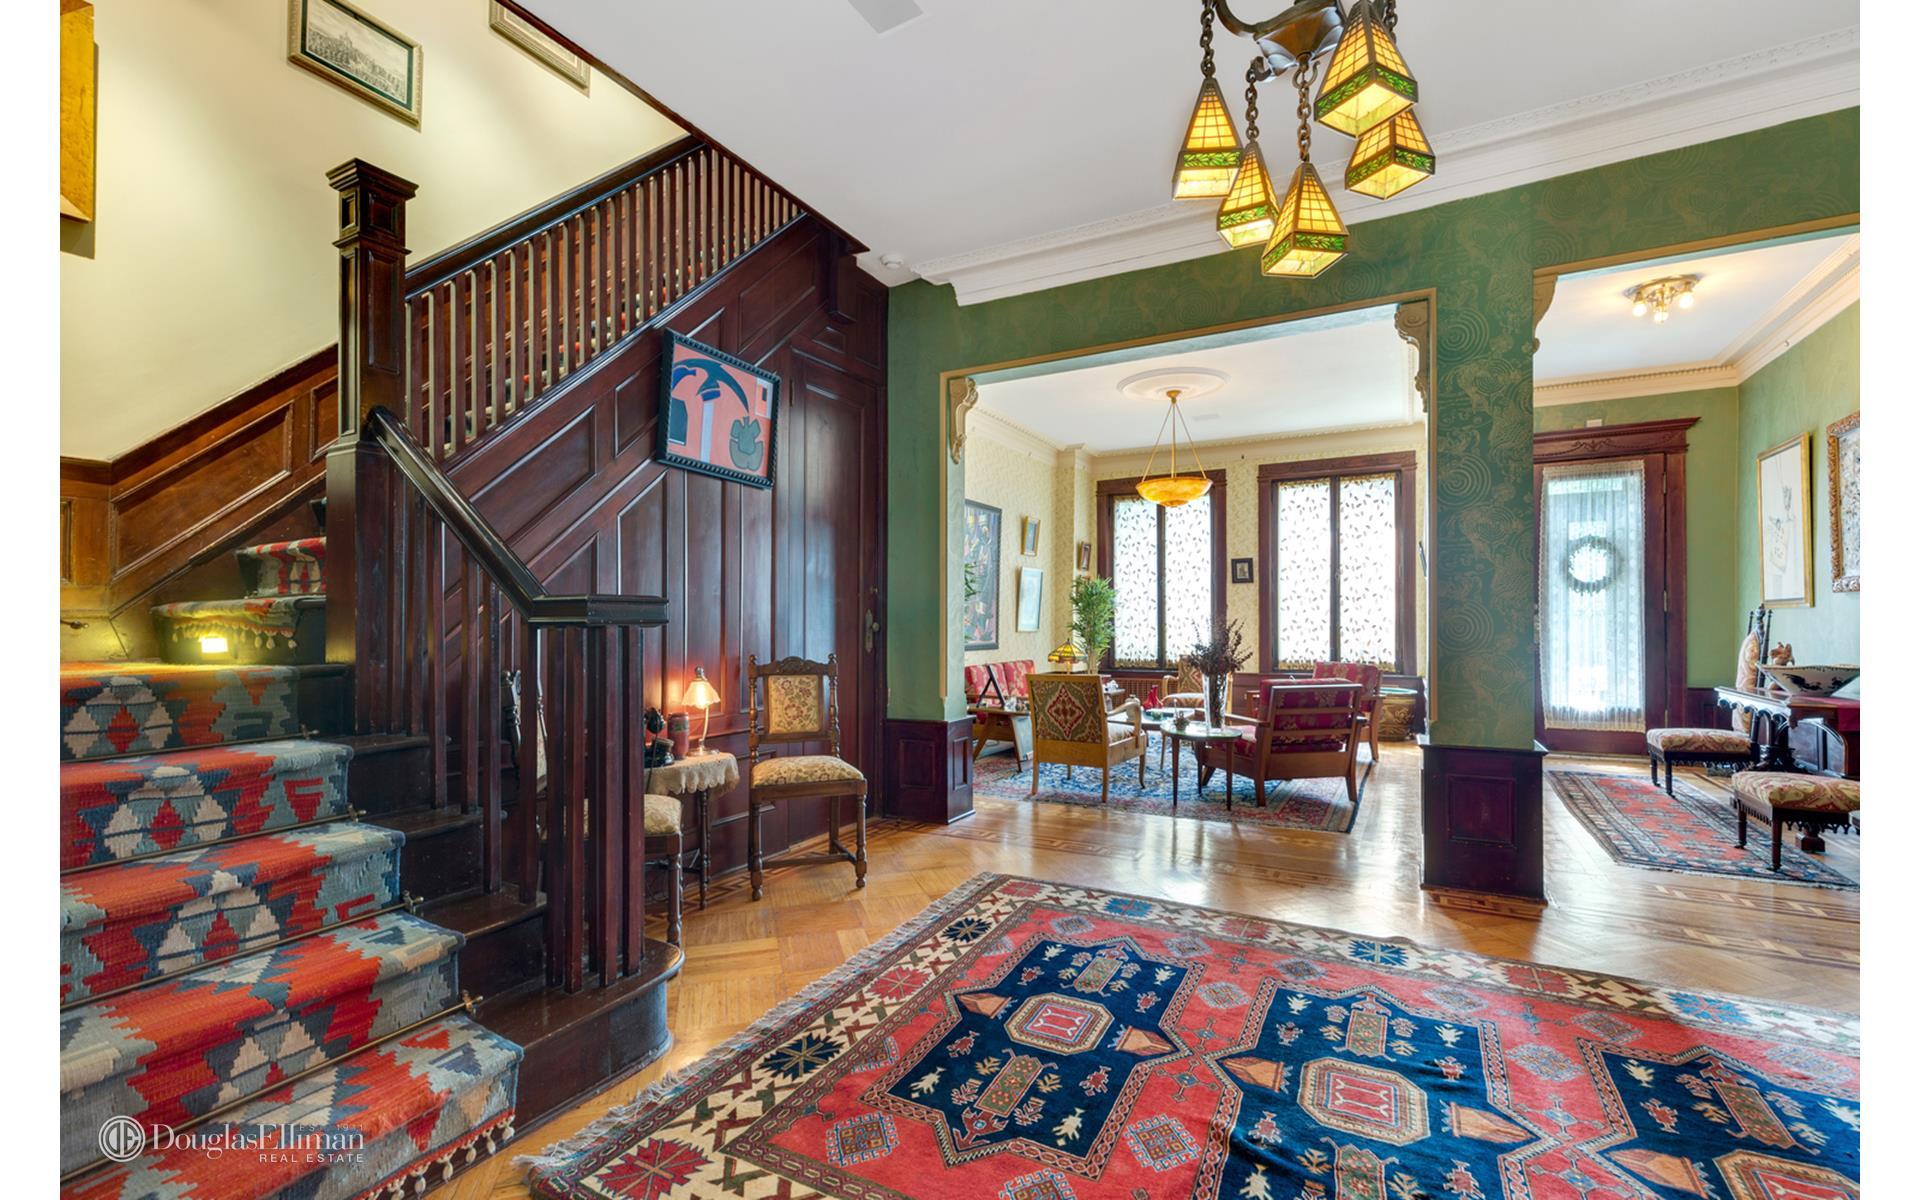 625 3 st brooklyn ny 11215 apartable for 10 grand army plaza 2nd floor brooklyn ny 11238